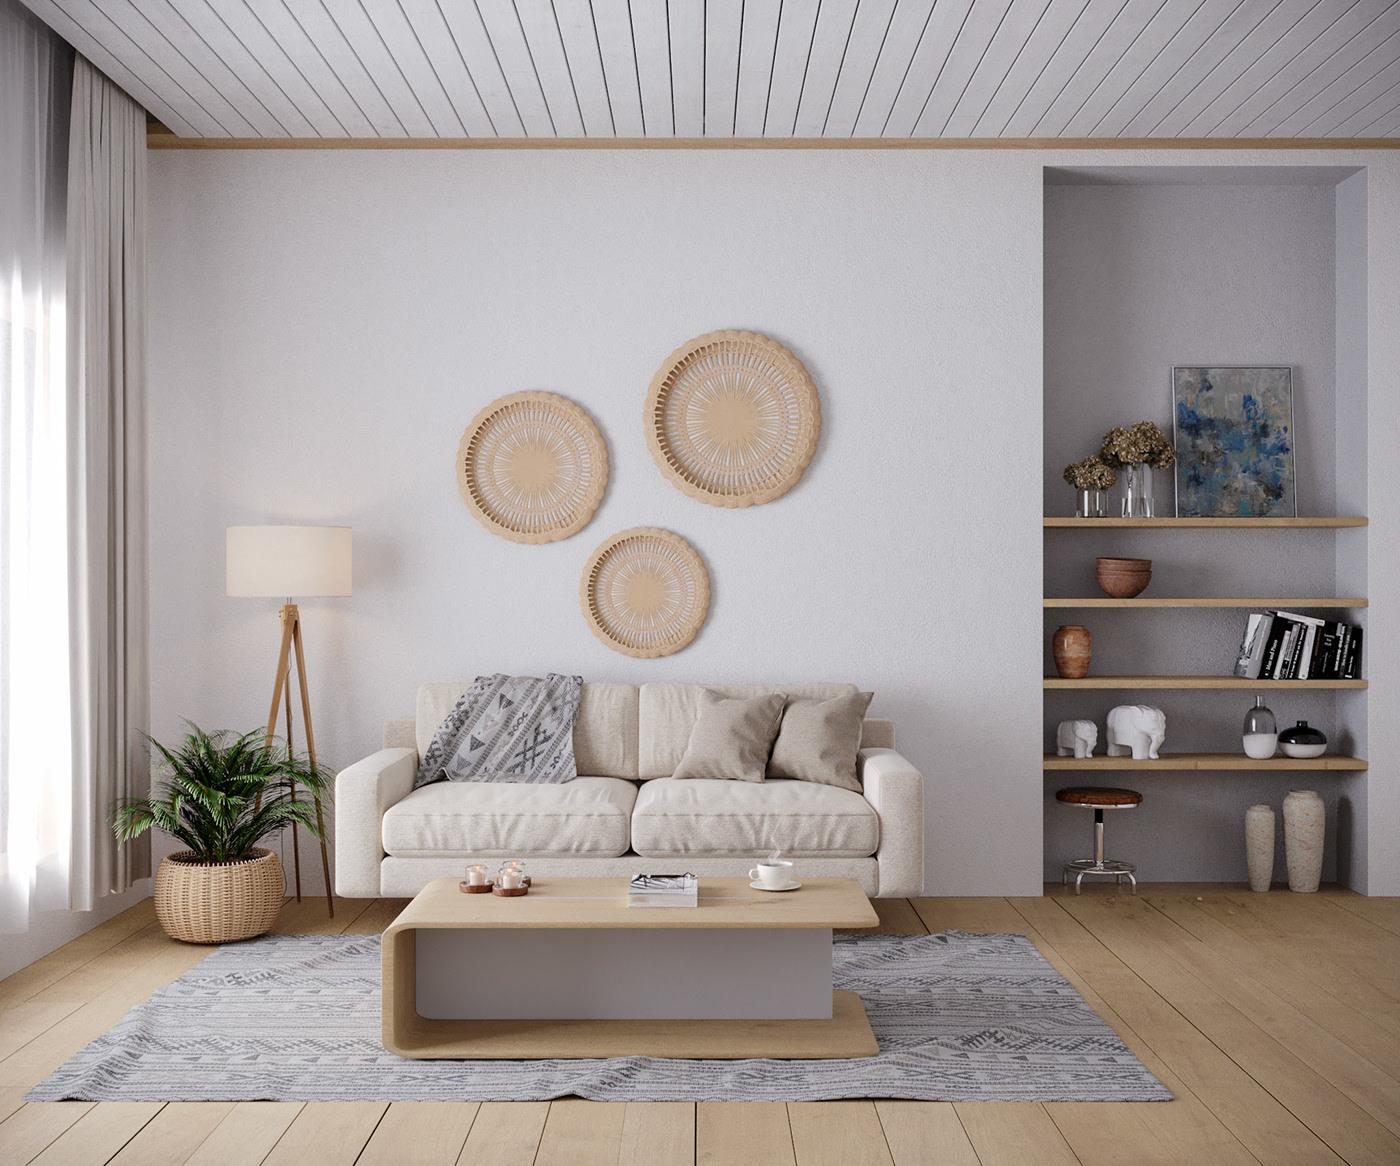 Kiến trúc sư tư vấn thiết kế căn hộ 67m² dành cho cô gái độc thân chi phí 98,3 triệu đồng  - Ảnh 3.